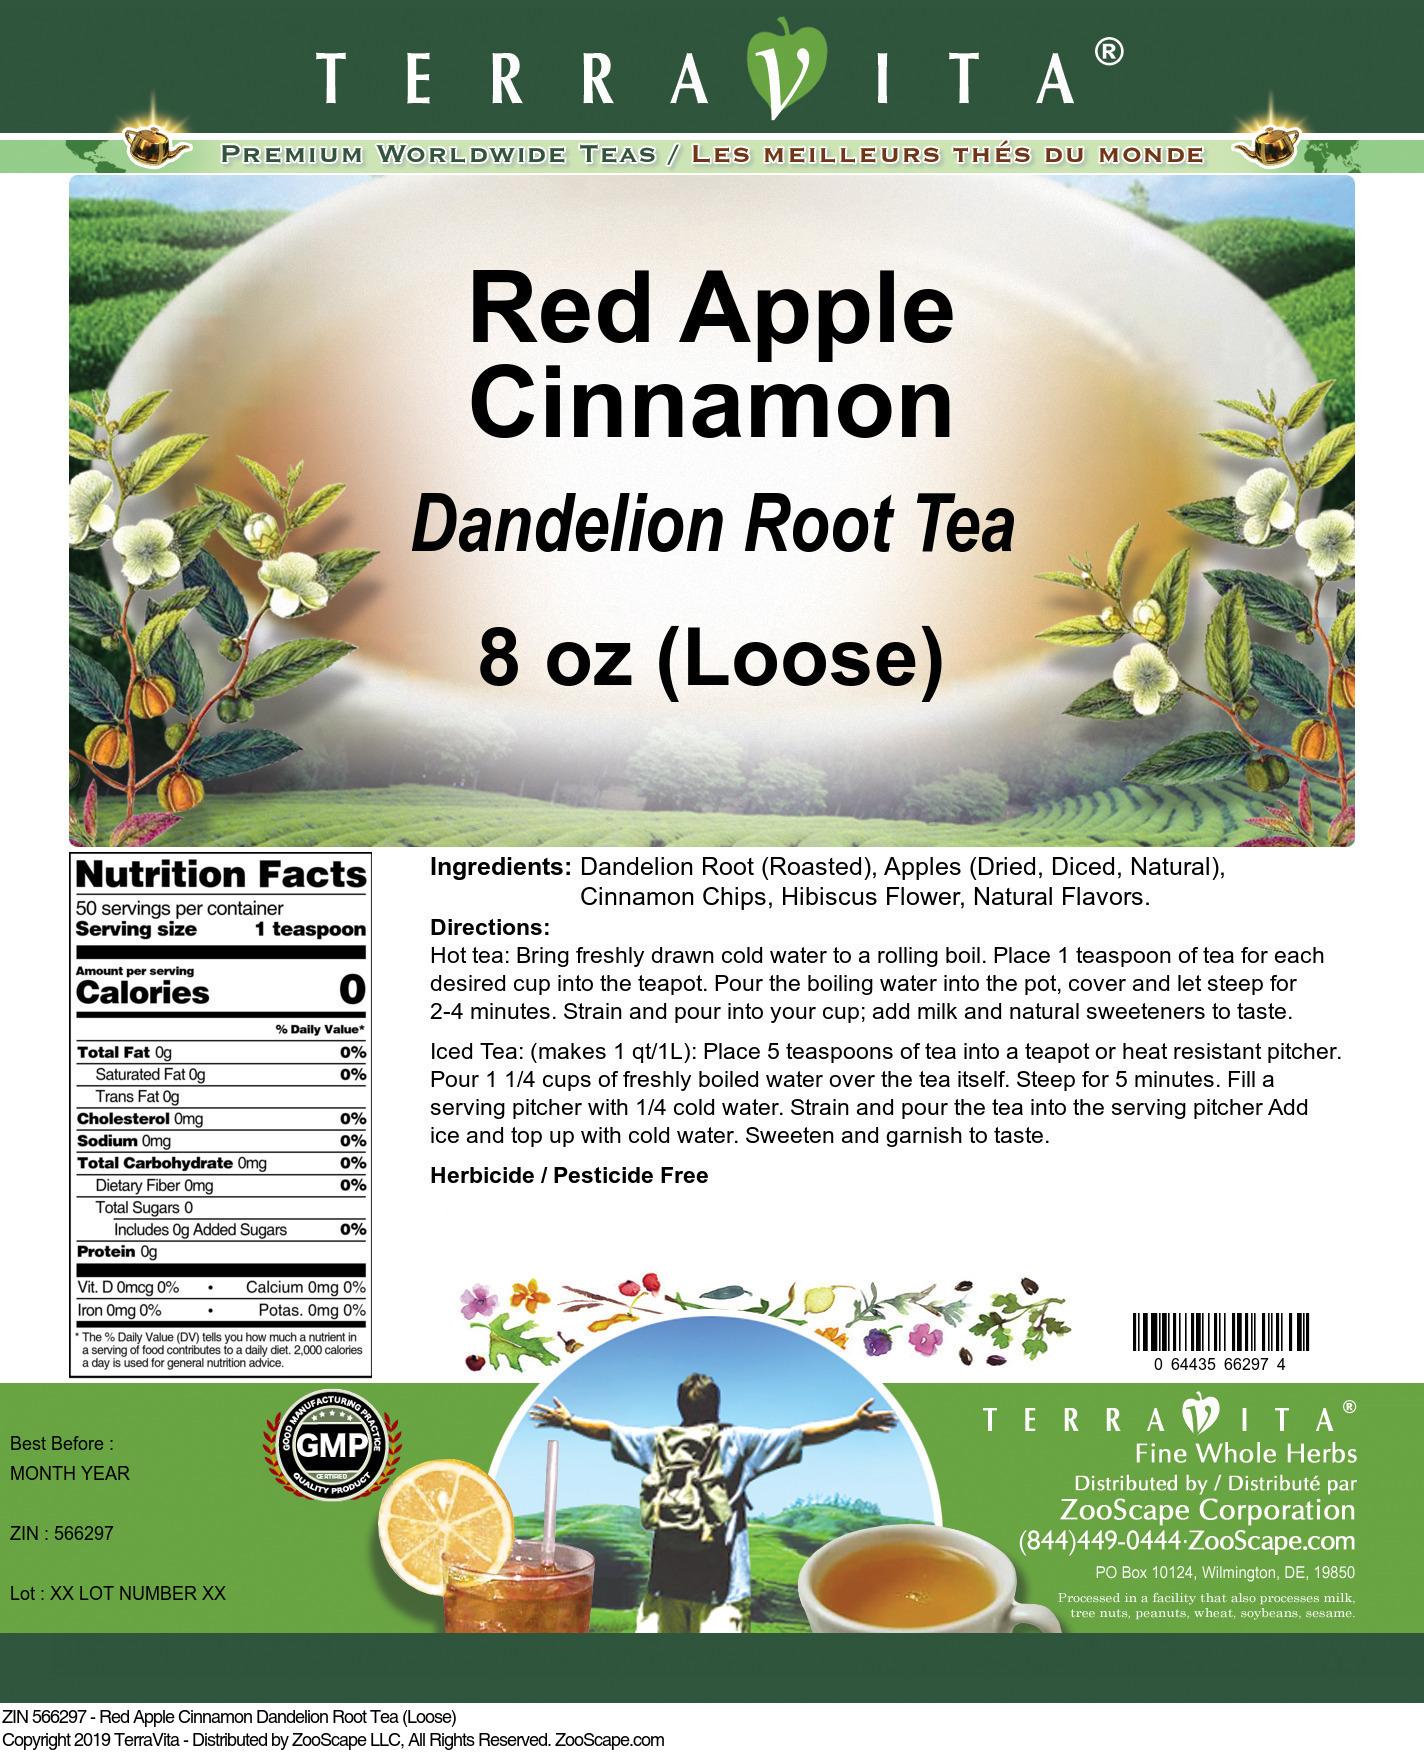 Red Apple Cinnamon Dandelion Root